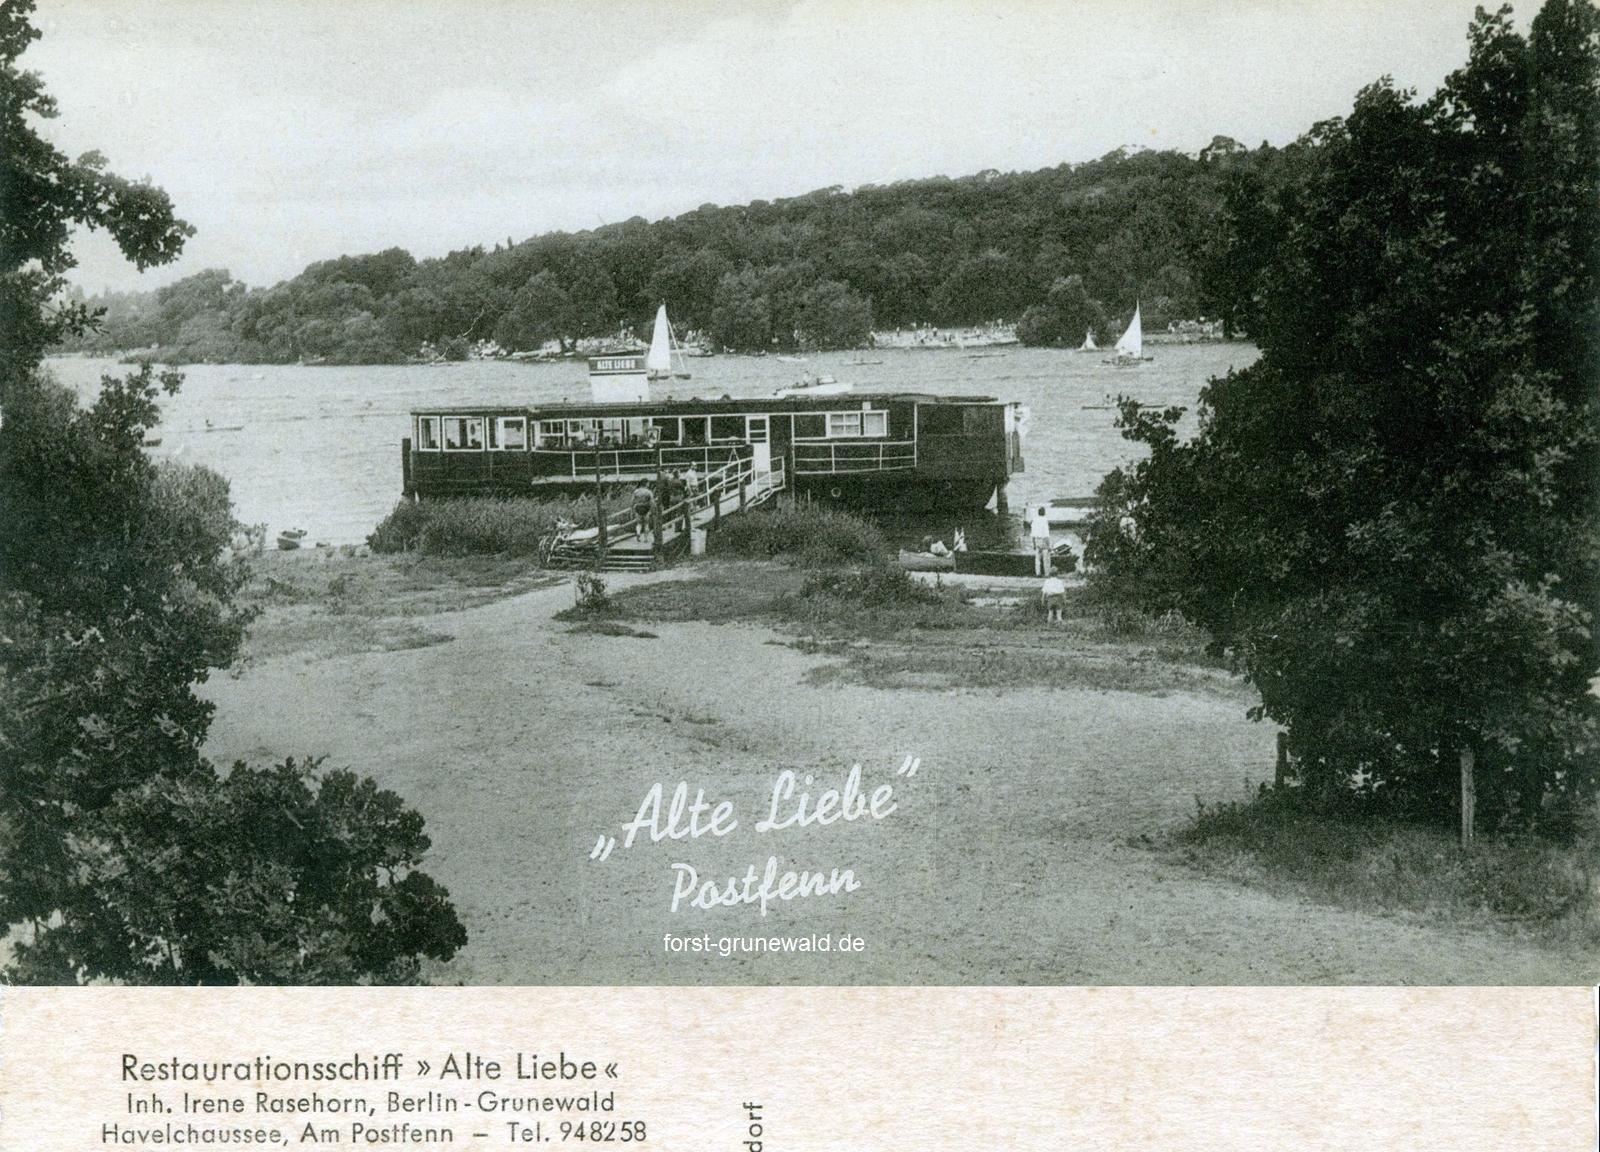 schiffsrestaurant alte liebe